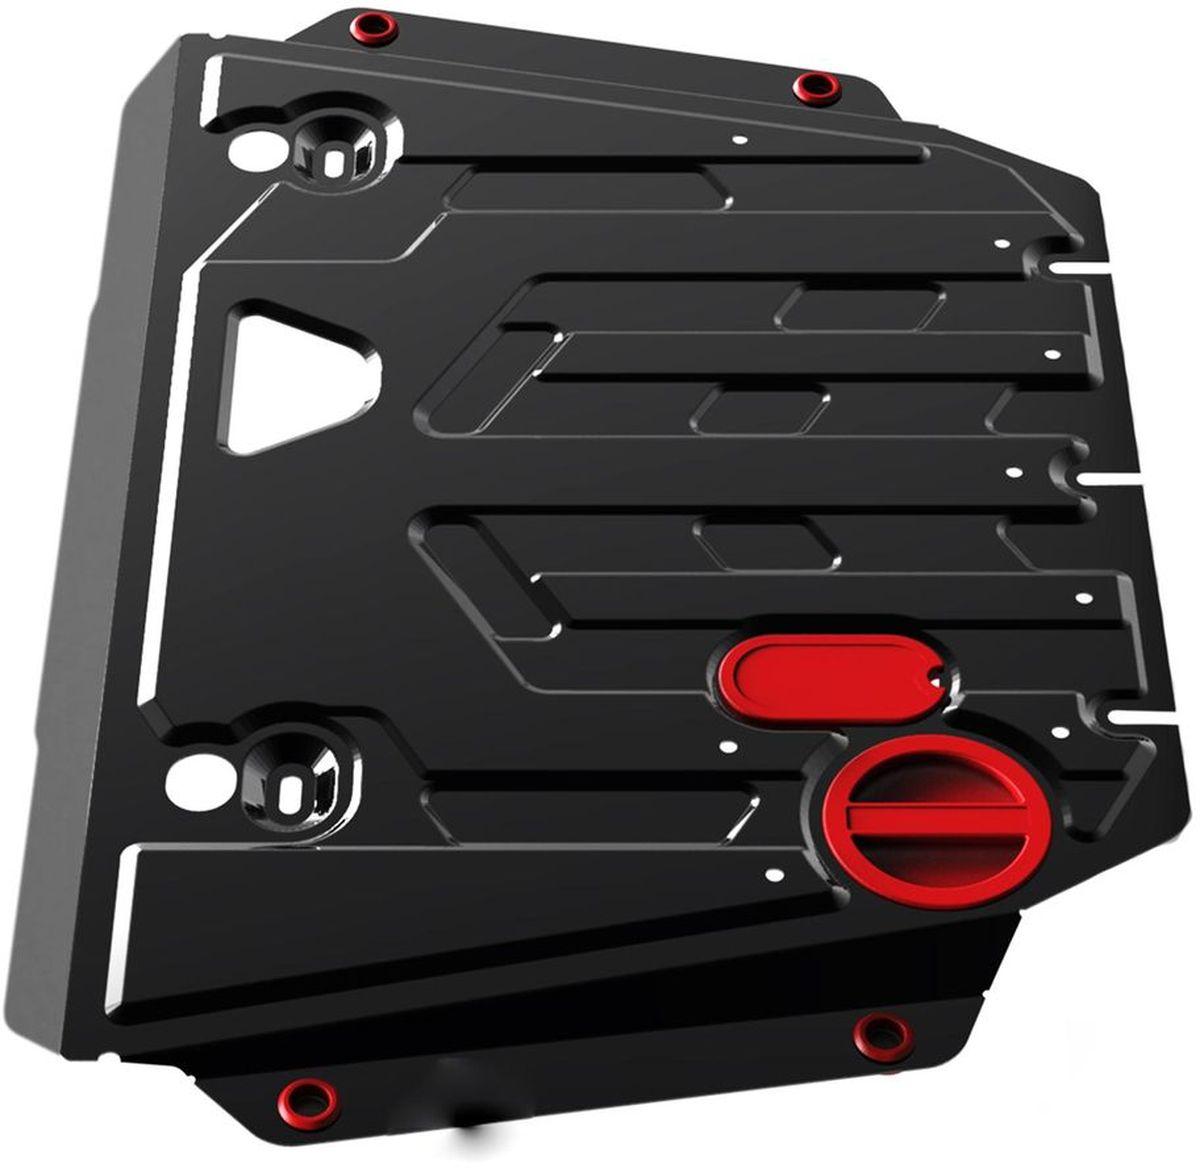 Защита картера и КПП Автоброня Honda Jazz 2008-, сталь 2 мм111.02107.1Защита картера и КПП Автоброня Honda Jazz, V -1,2; 1,4 2008-, сталь 2 мм, комплект крепежа, 111.02107.1Стальные защиты Автоброня надежно защищают ваш автомобиль от повреждений при наезде на бордюры, выступающие канализационные люки, кромки поврежденного асфальта или при ремонте дорог, не говоря уже о загородных дорогах.- Имеют оптимальное соотношение цена-качество.- Спроектированы с учетом особенностей автомобиля, что делает установку удобной.- Защита устанавливается в штатные места кузова автомобиля.- Является надежной защитой для важных элементов на протяжении долгих лет.- Глубокий штамп дополнительно усиливает конструкцию защиты.- Подштамповка в местах крепления защищает крепеж от срезания.- Технологические отверстия там, где они необходимы для смены масла и слива воды, оборудованные заглушками, закрепленными на защите.Толщина стали 2 мм.В комплекте крепеж и инструкция по установке.Уважаемые клиенты!Обращаем ваше внимание на тот факт, что защита имеет форму, соответствующую модели данного автомобиля. Наличие глубокого штампа и лючков для смены фильтров/масла предусмотрено не на всех защитах. Фото служит для визуального восприятия товара.